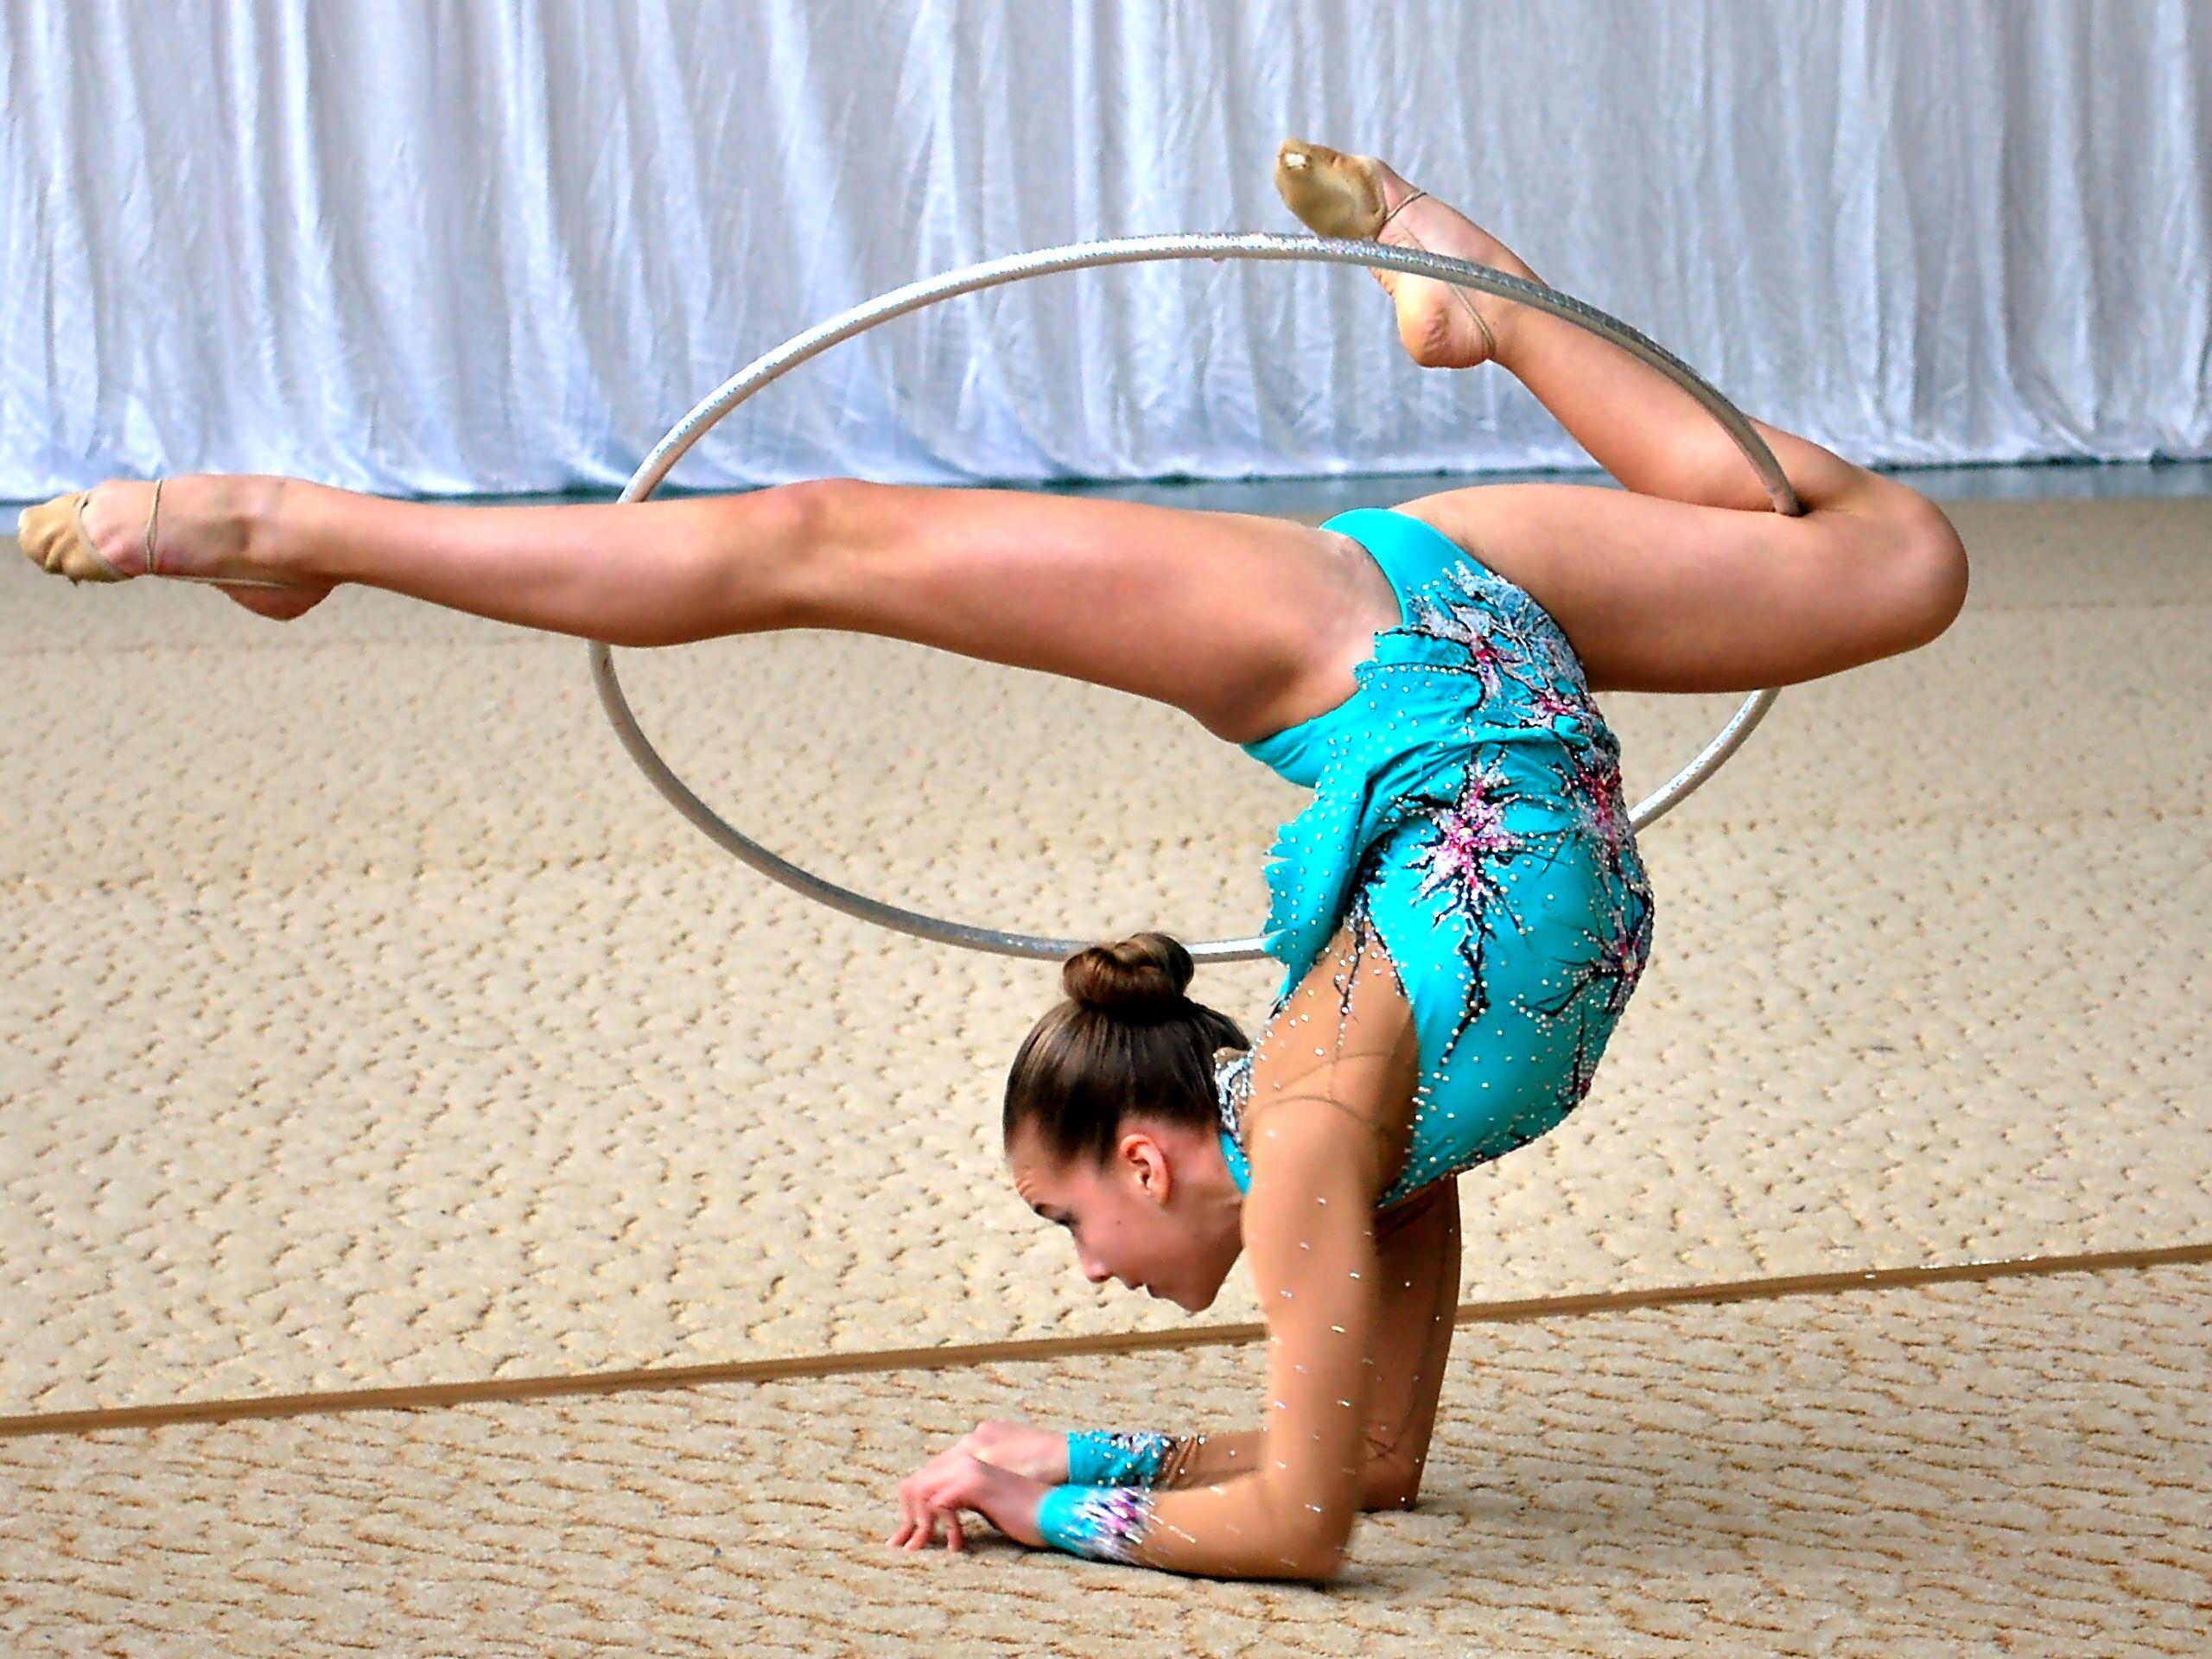 Фотографии юные гимнастки фото 19 фотография